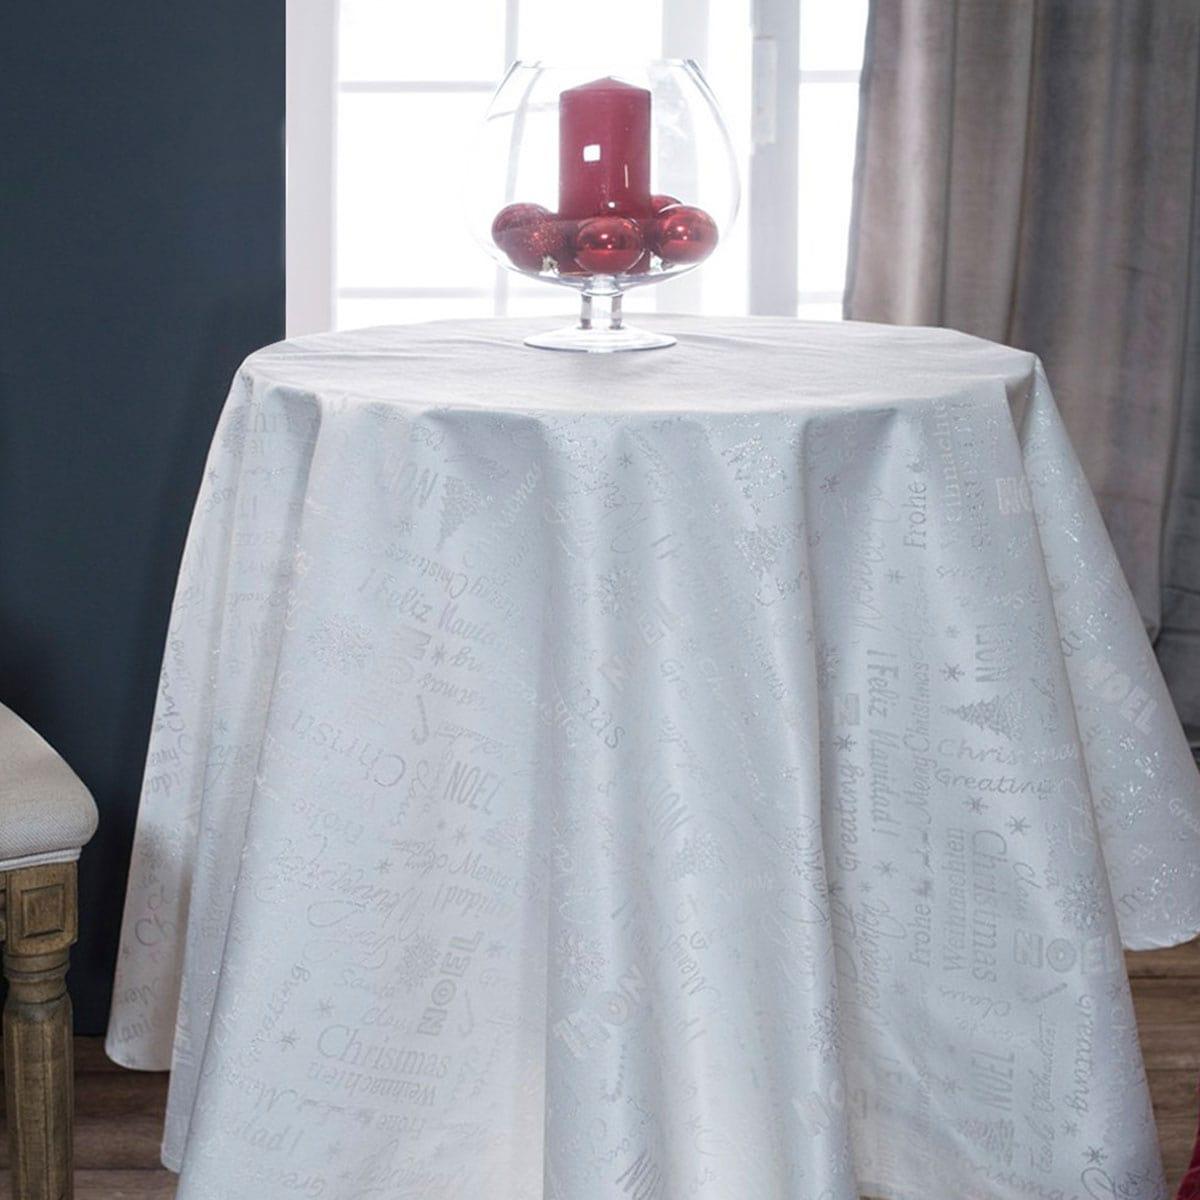 Ροτόντα Χριστουγεννιάτικη Frozen Silver Teoran Διάμετρος 180cm Φ180